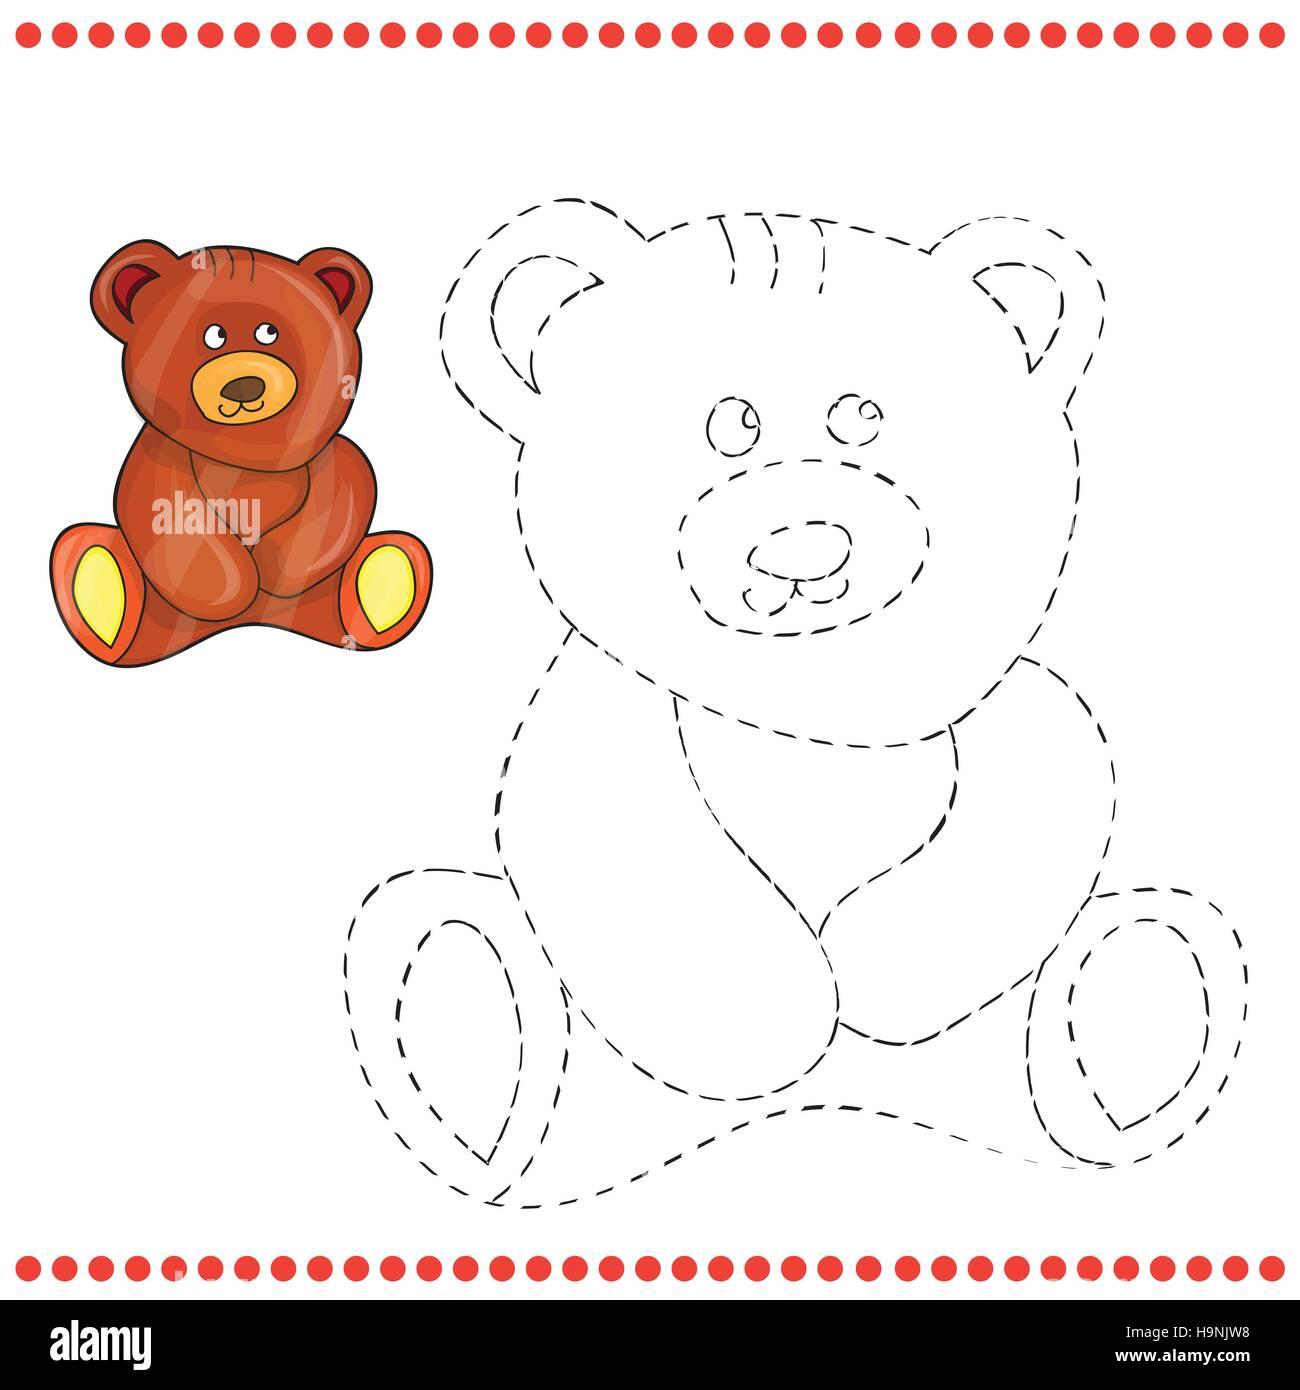 Verbinden Sie die Punkte und Malvorlagen - Teddybär Vektor Abbildung ...